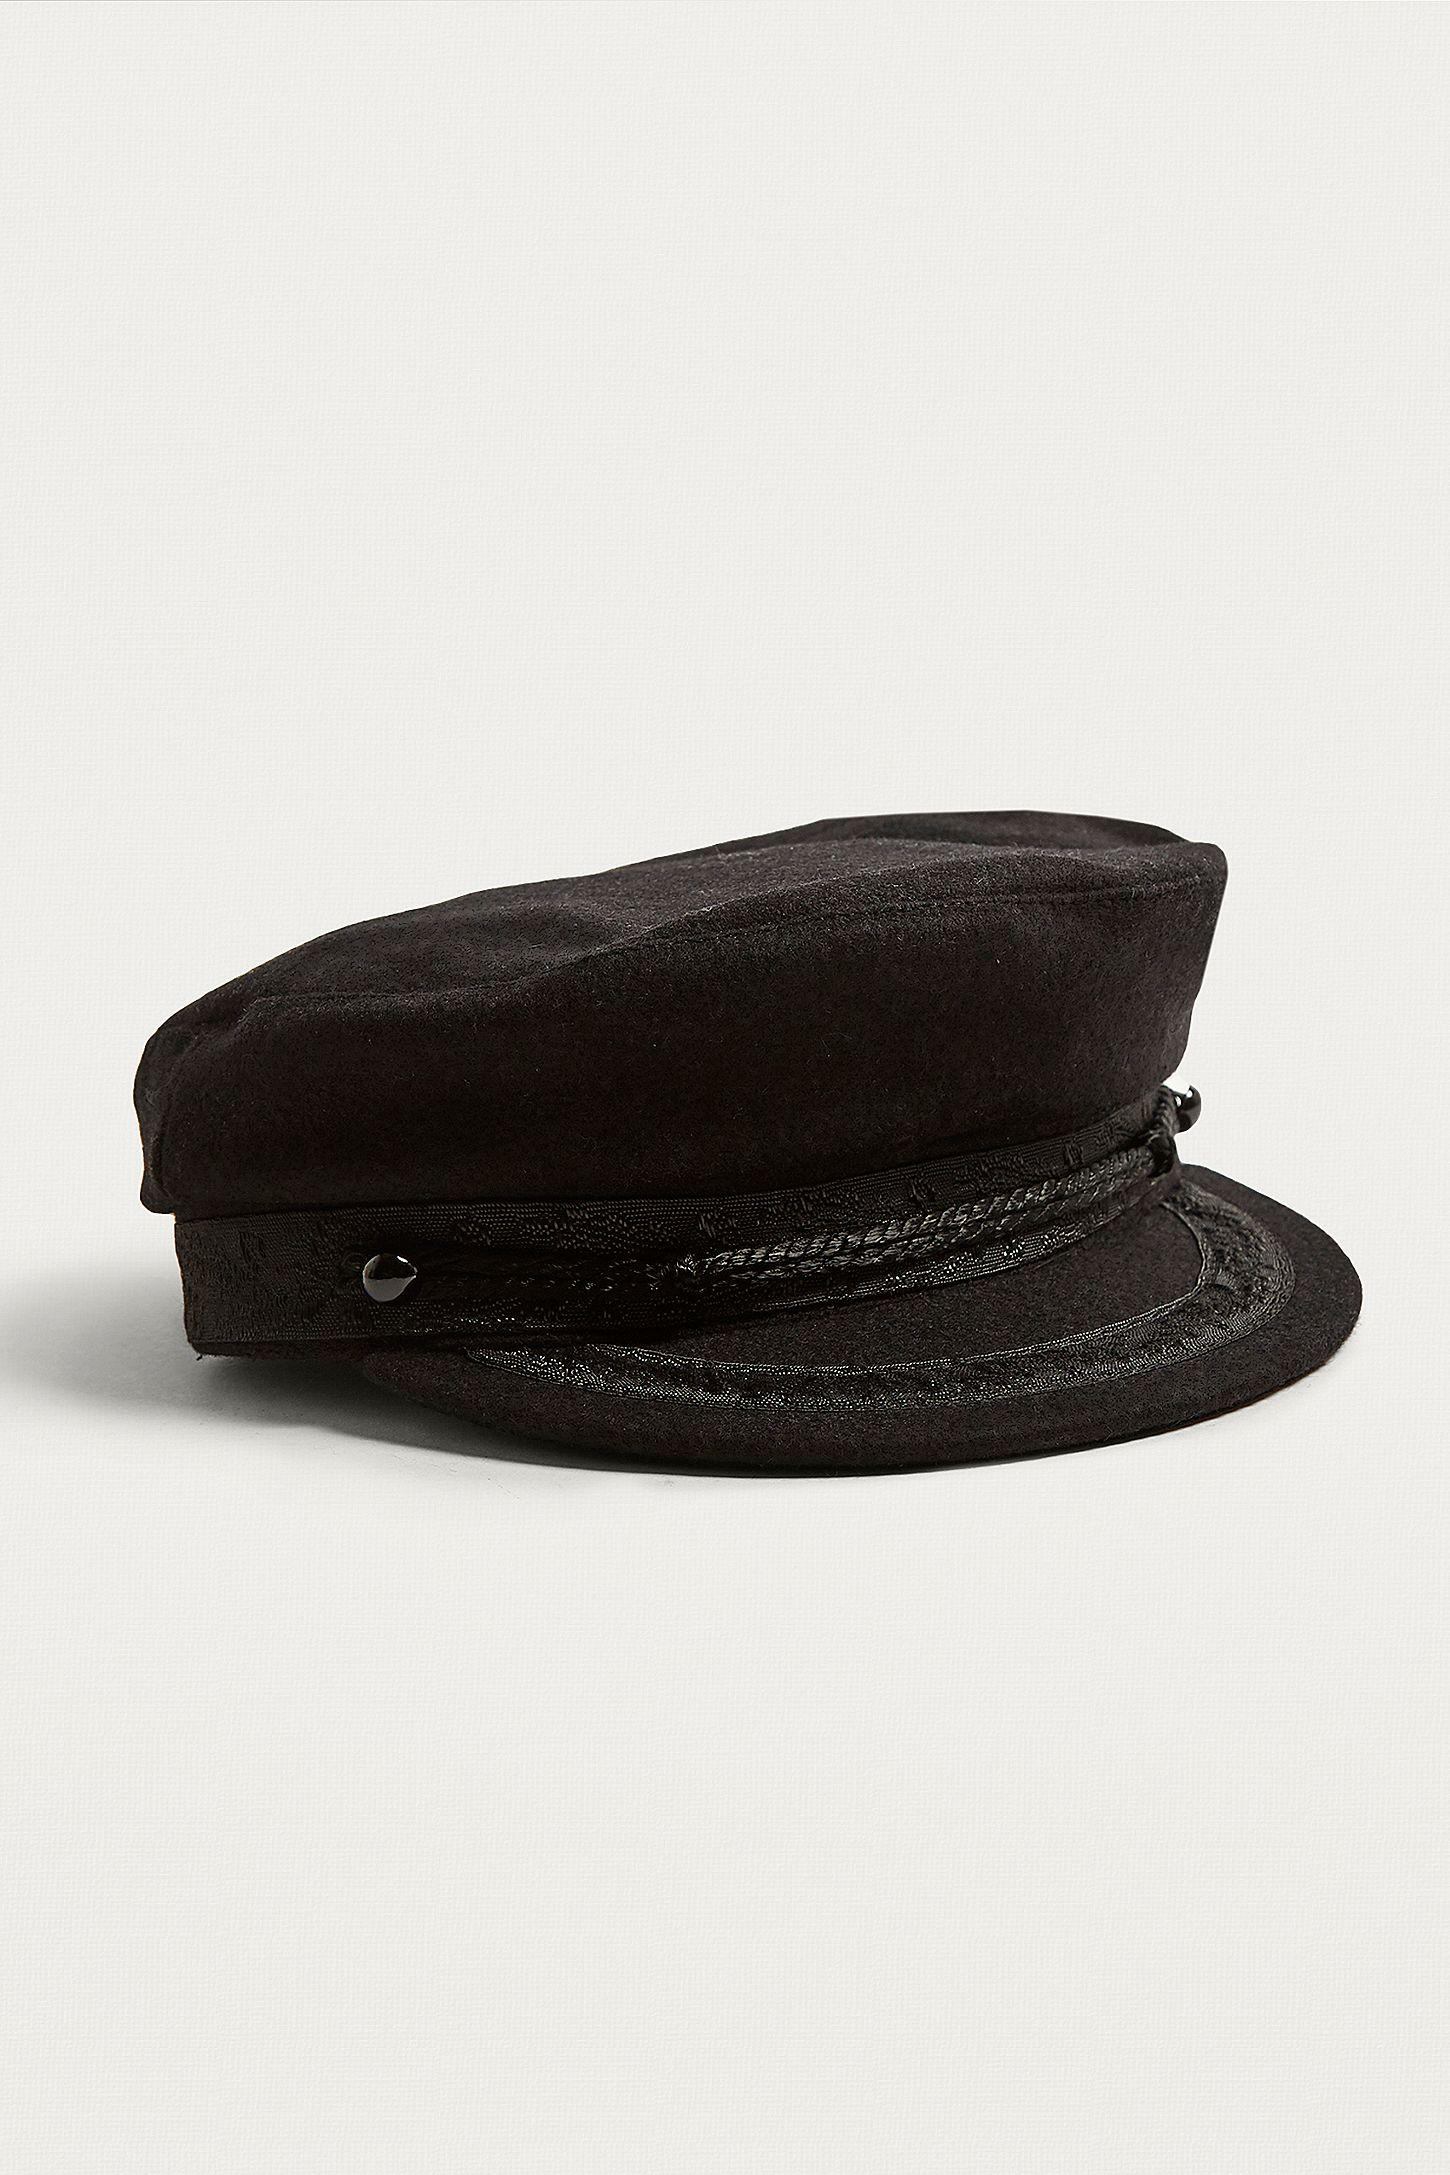 21168672c46af3 Structured Baker Boy Cap